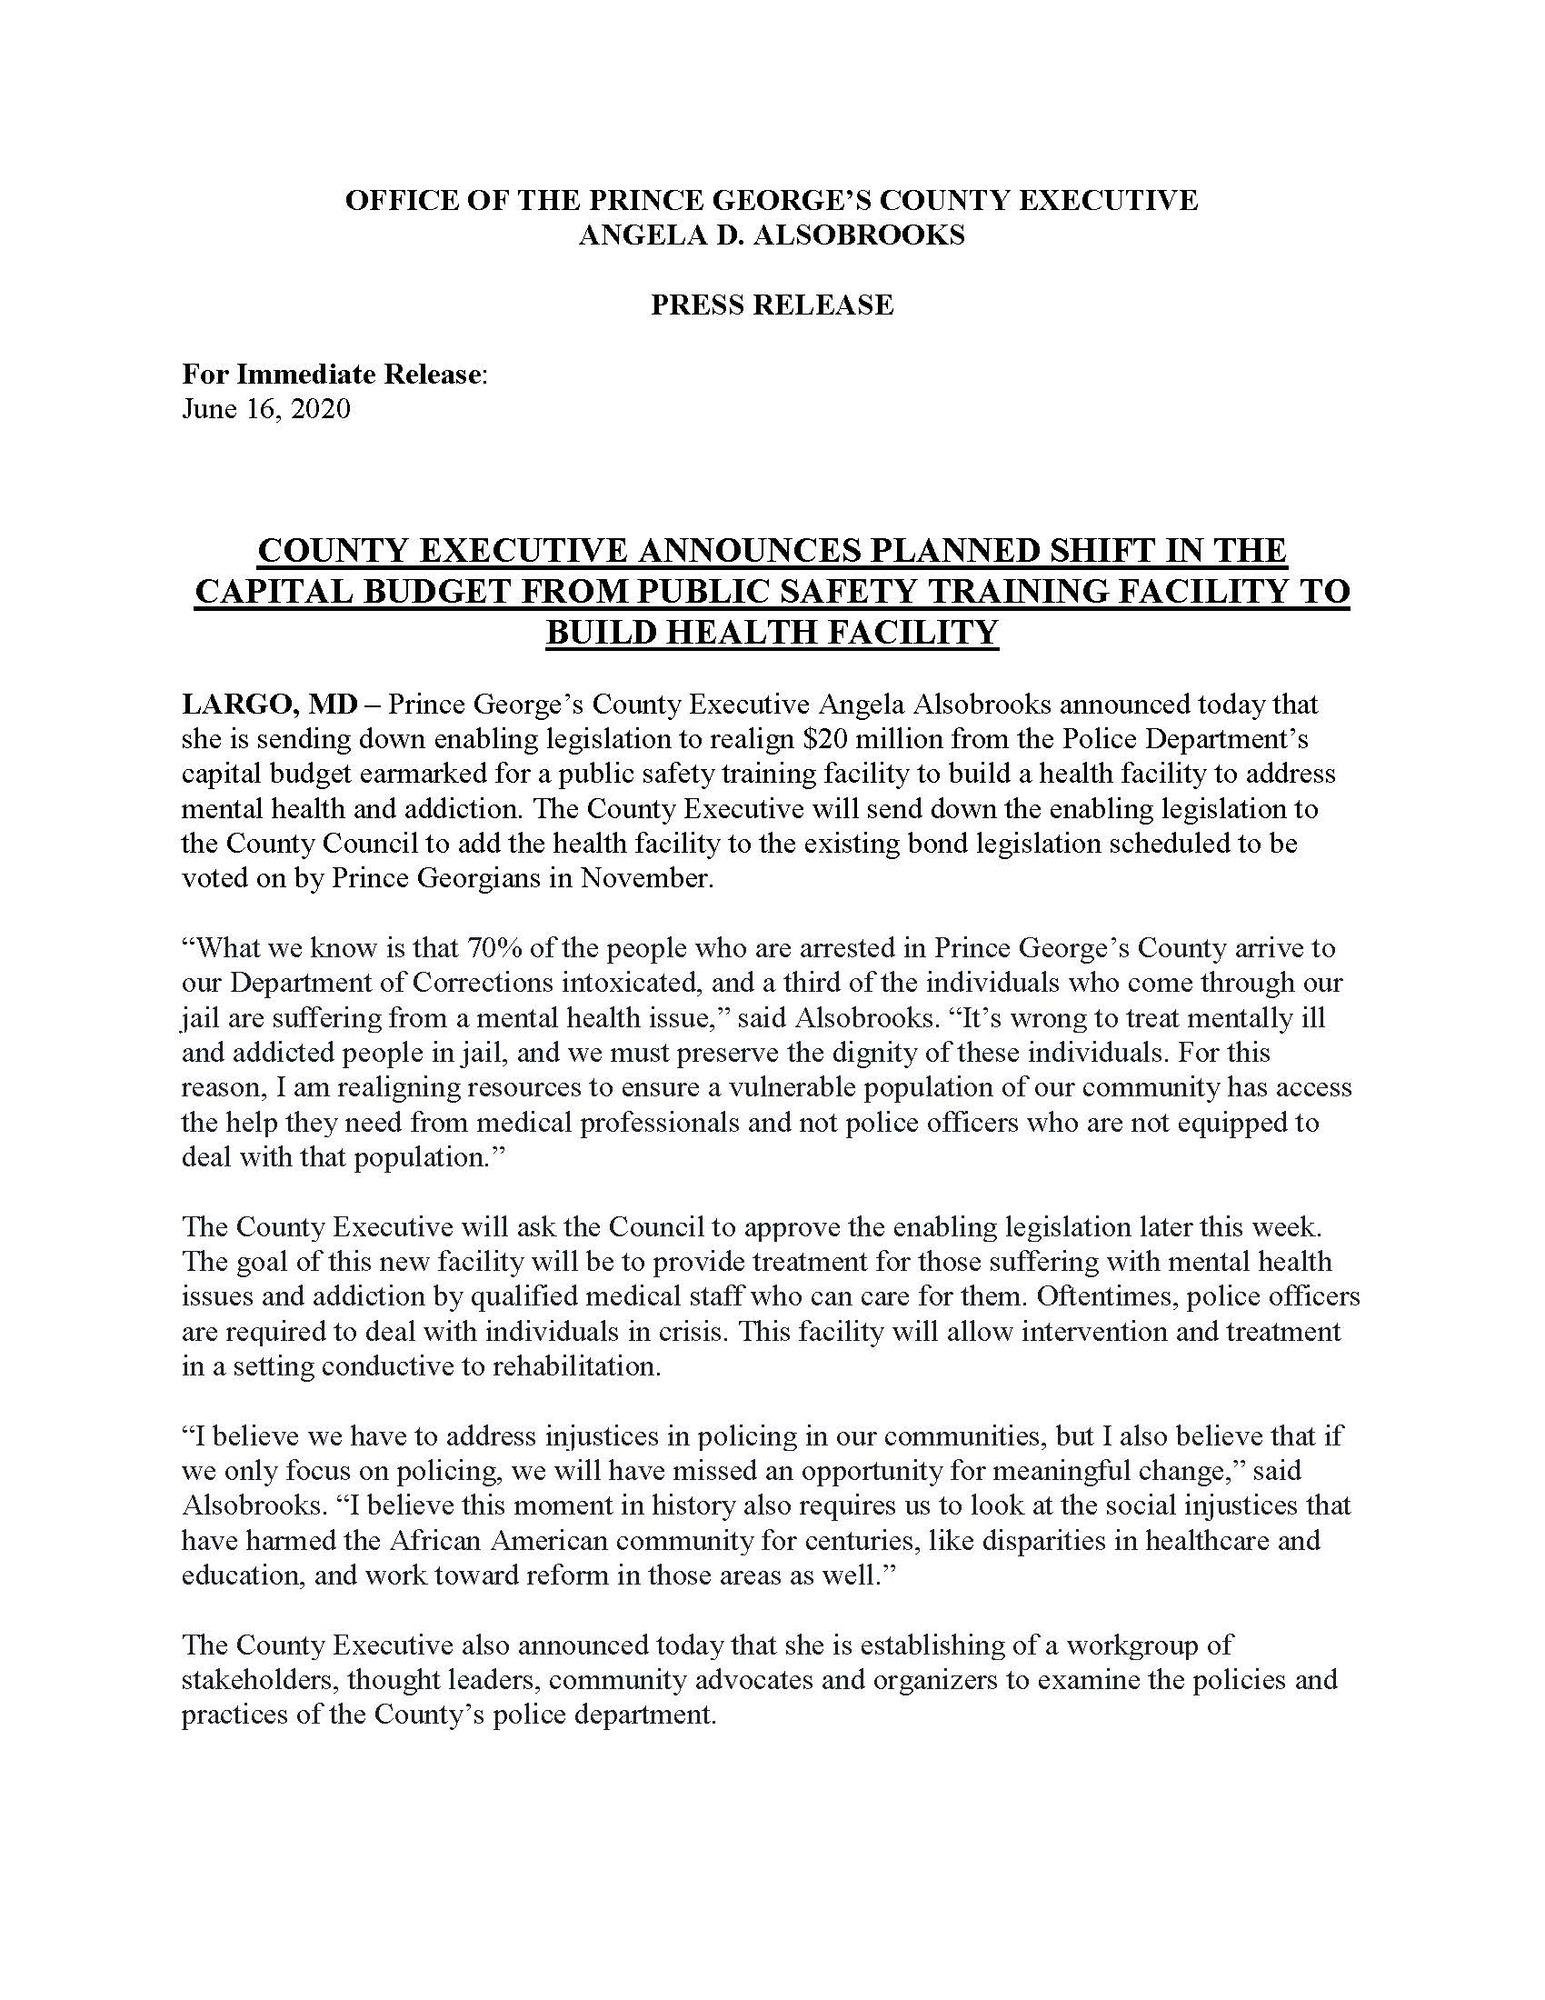 CEX Press Release6.18